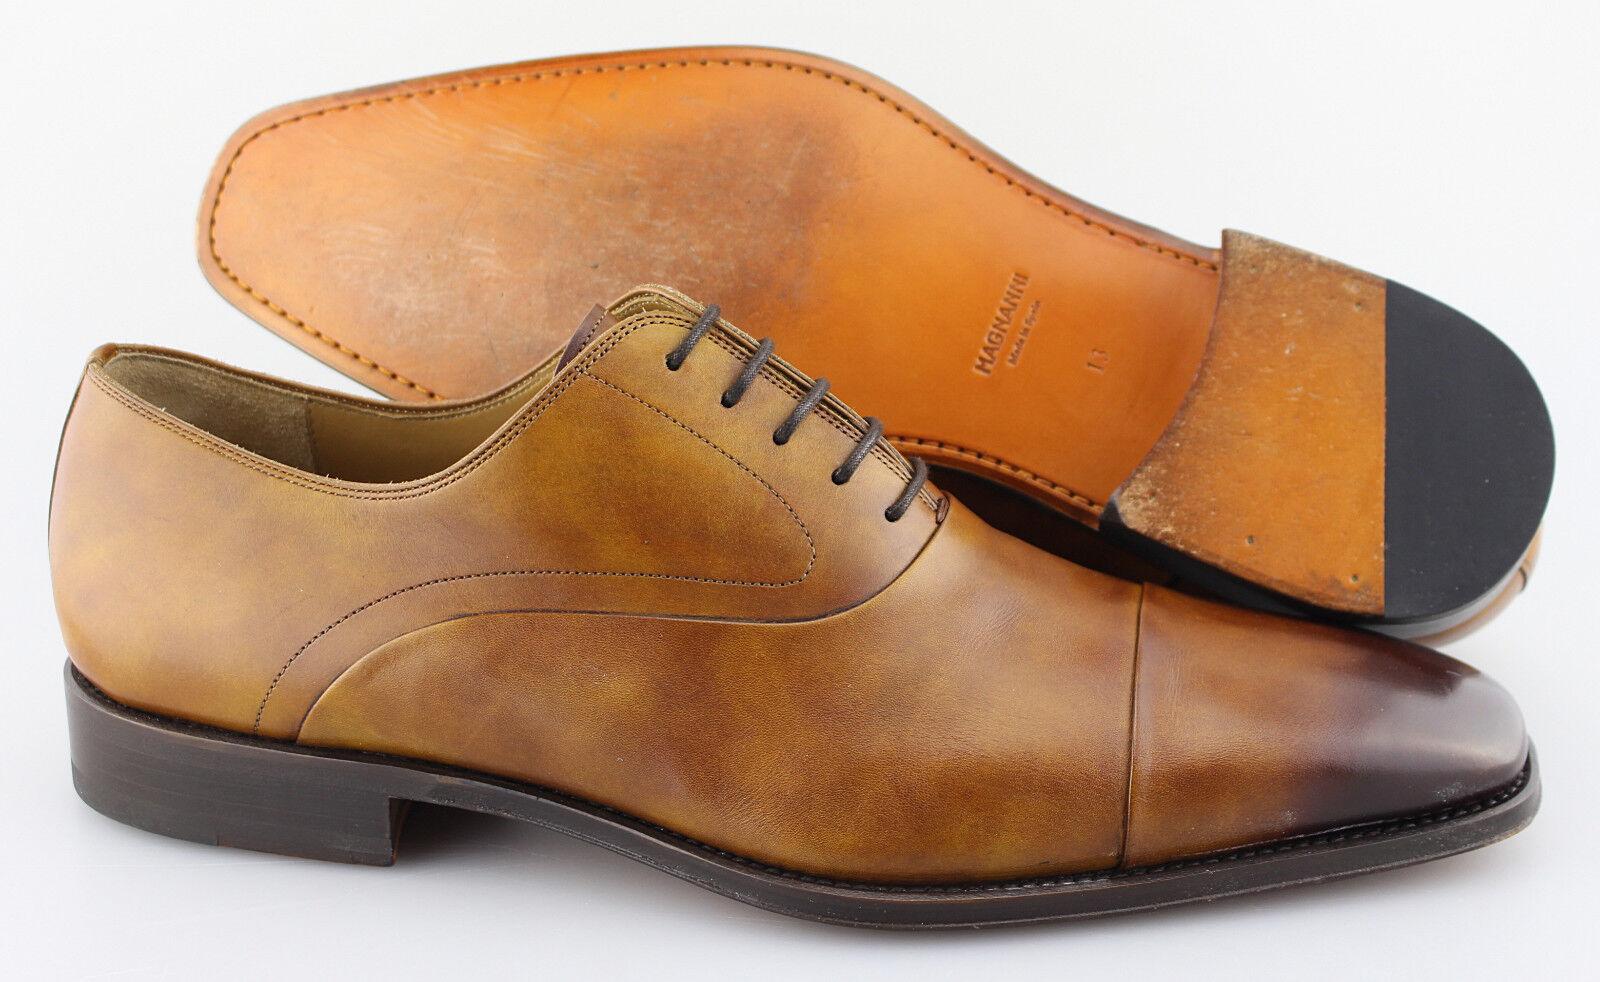 Men's MAGNANNI 'Saffron' Marronee Leather Cap Toe Oxfords Dimensione US 13 - D